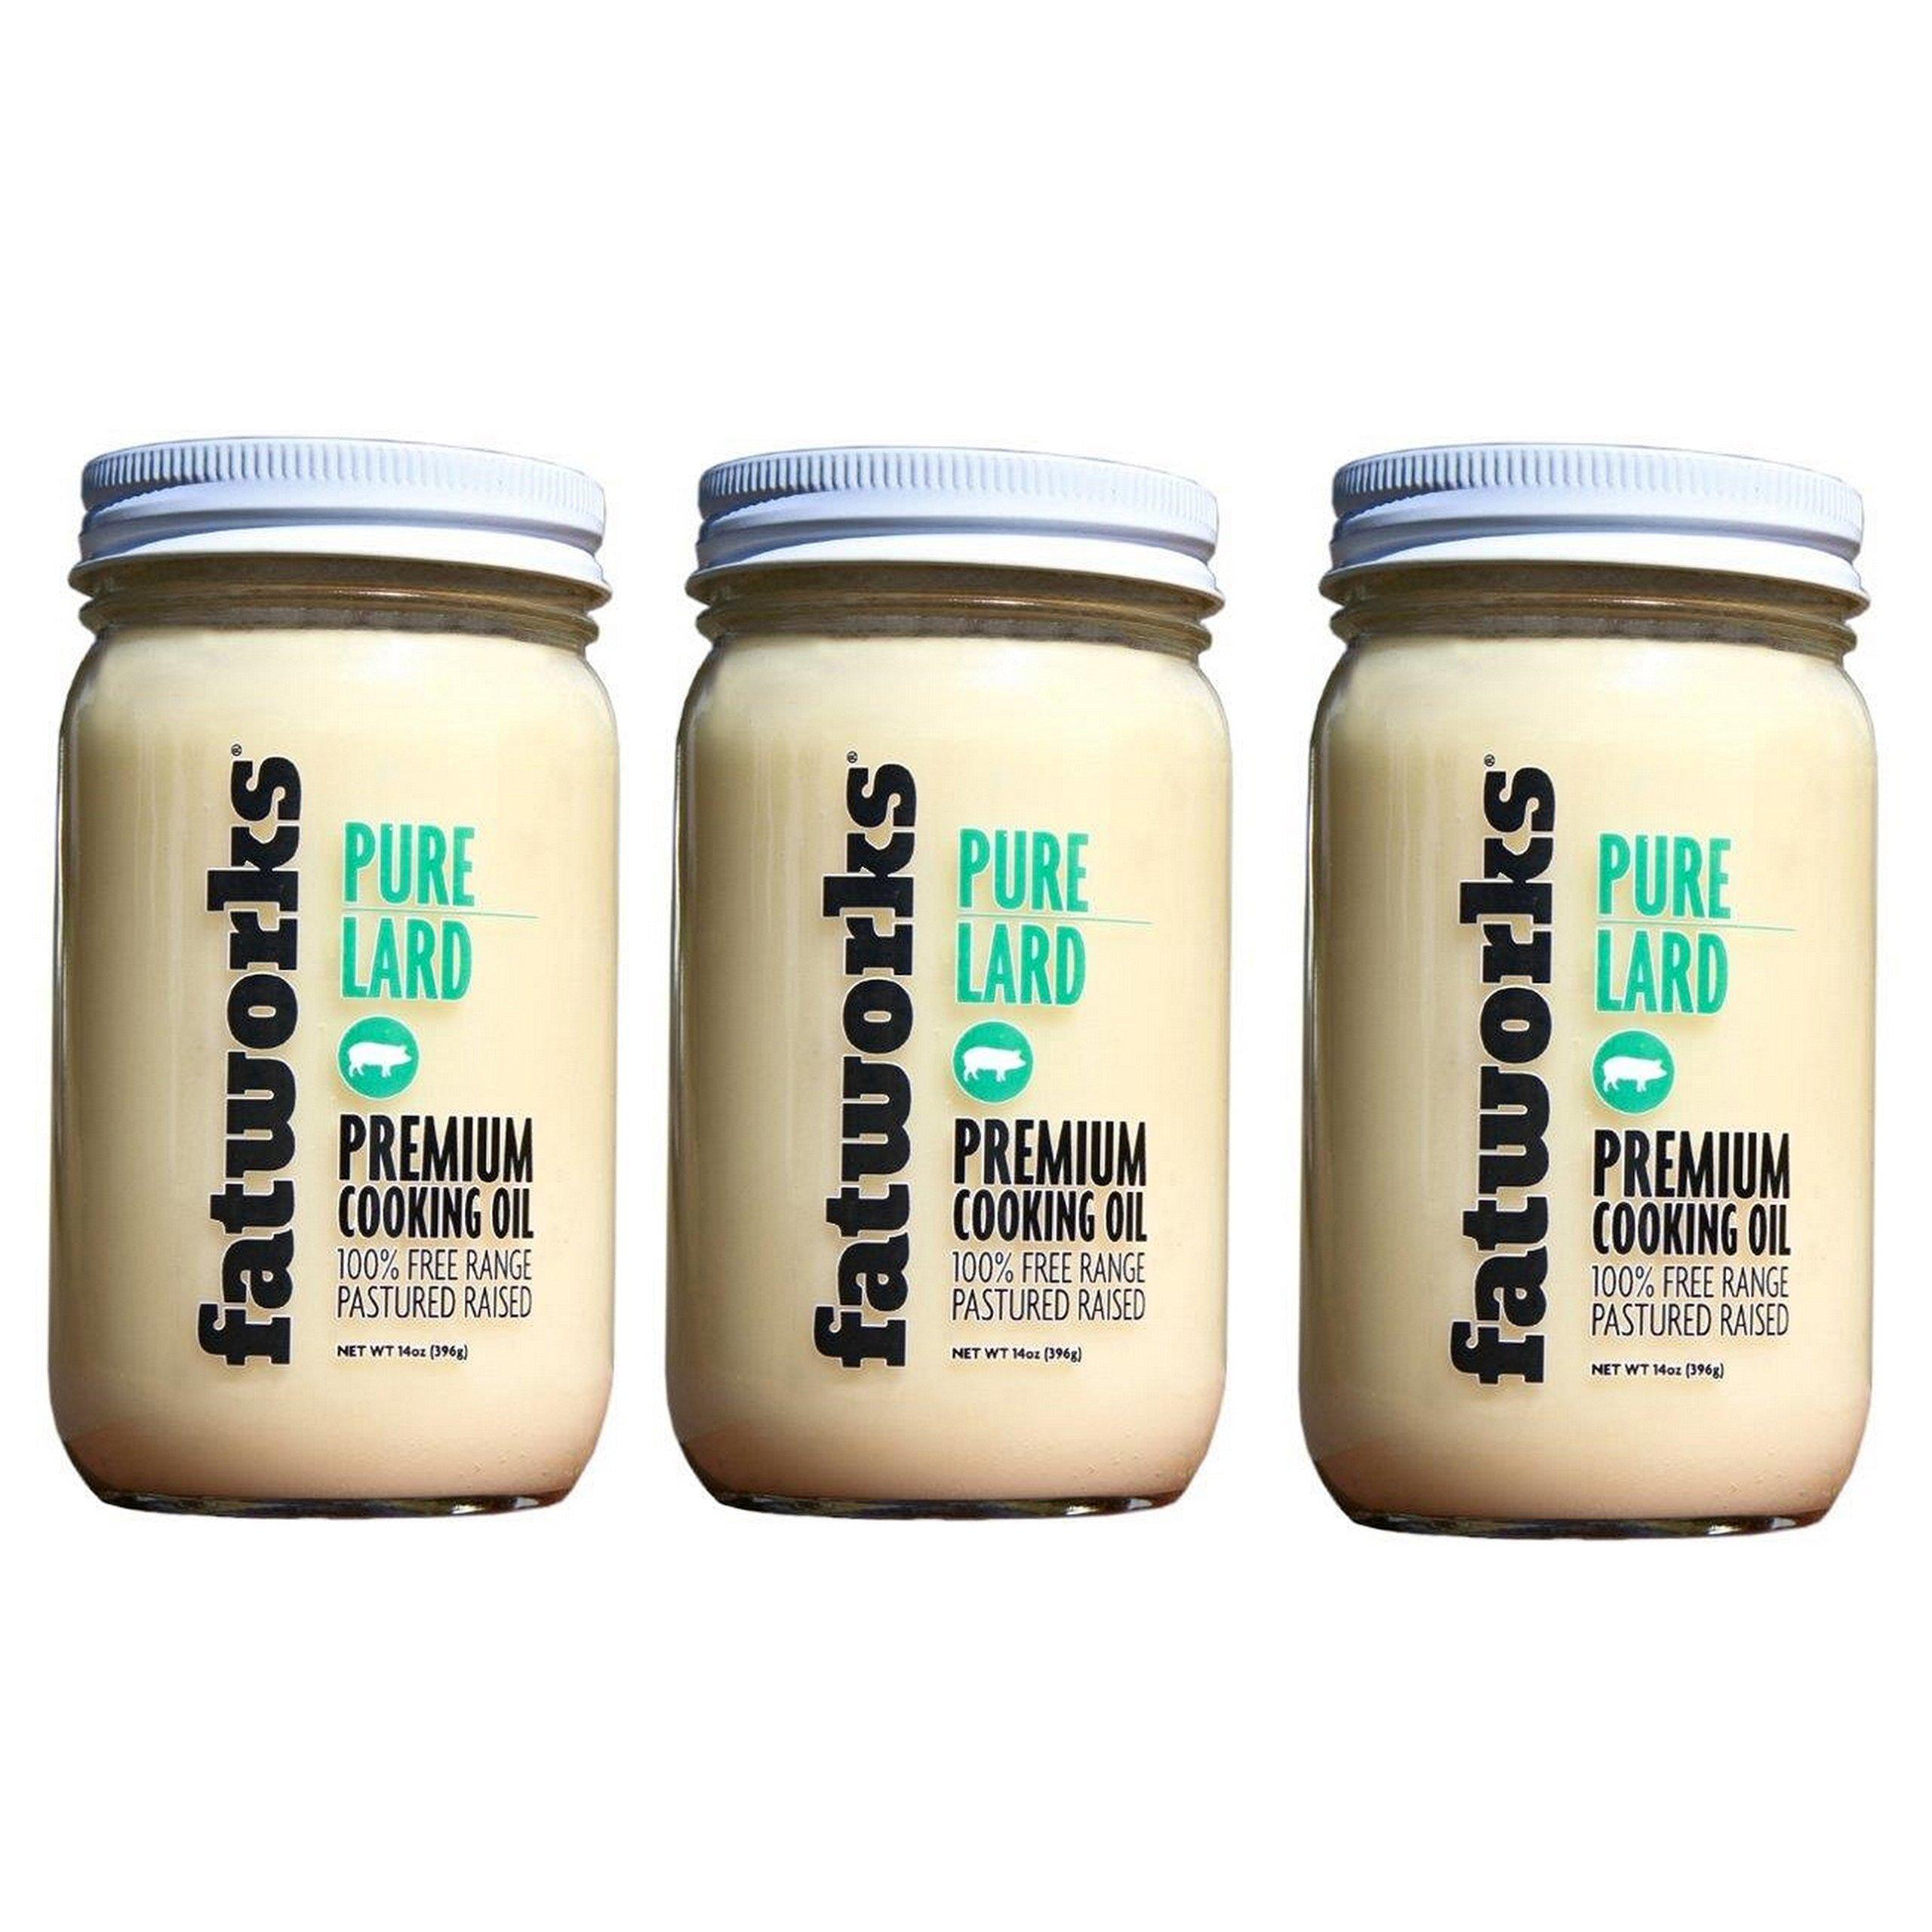 FatWorks Pure Pork Lard, Free Range & Pasture Raised, 14oz - 3 Pack